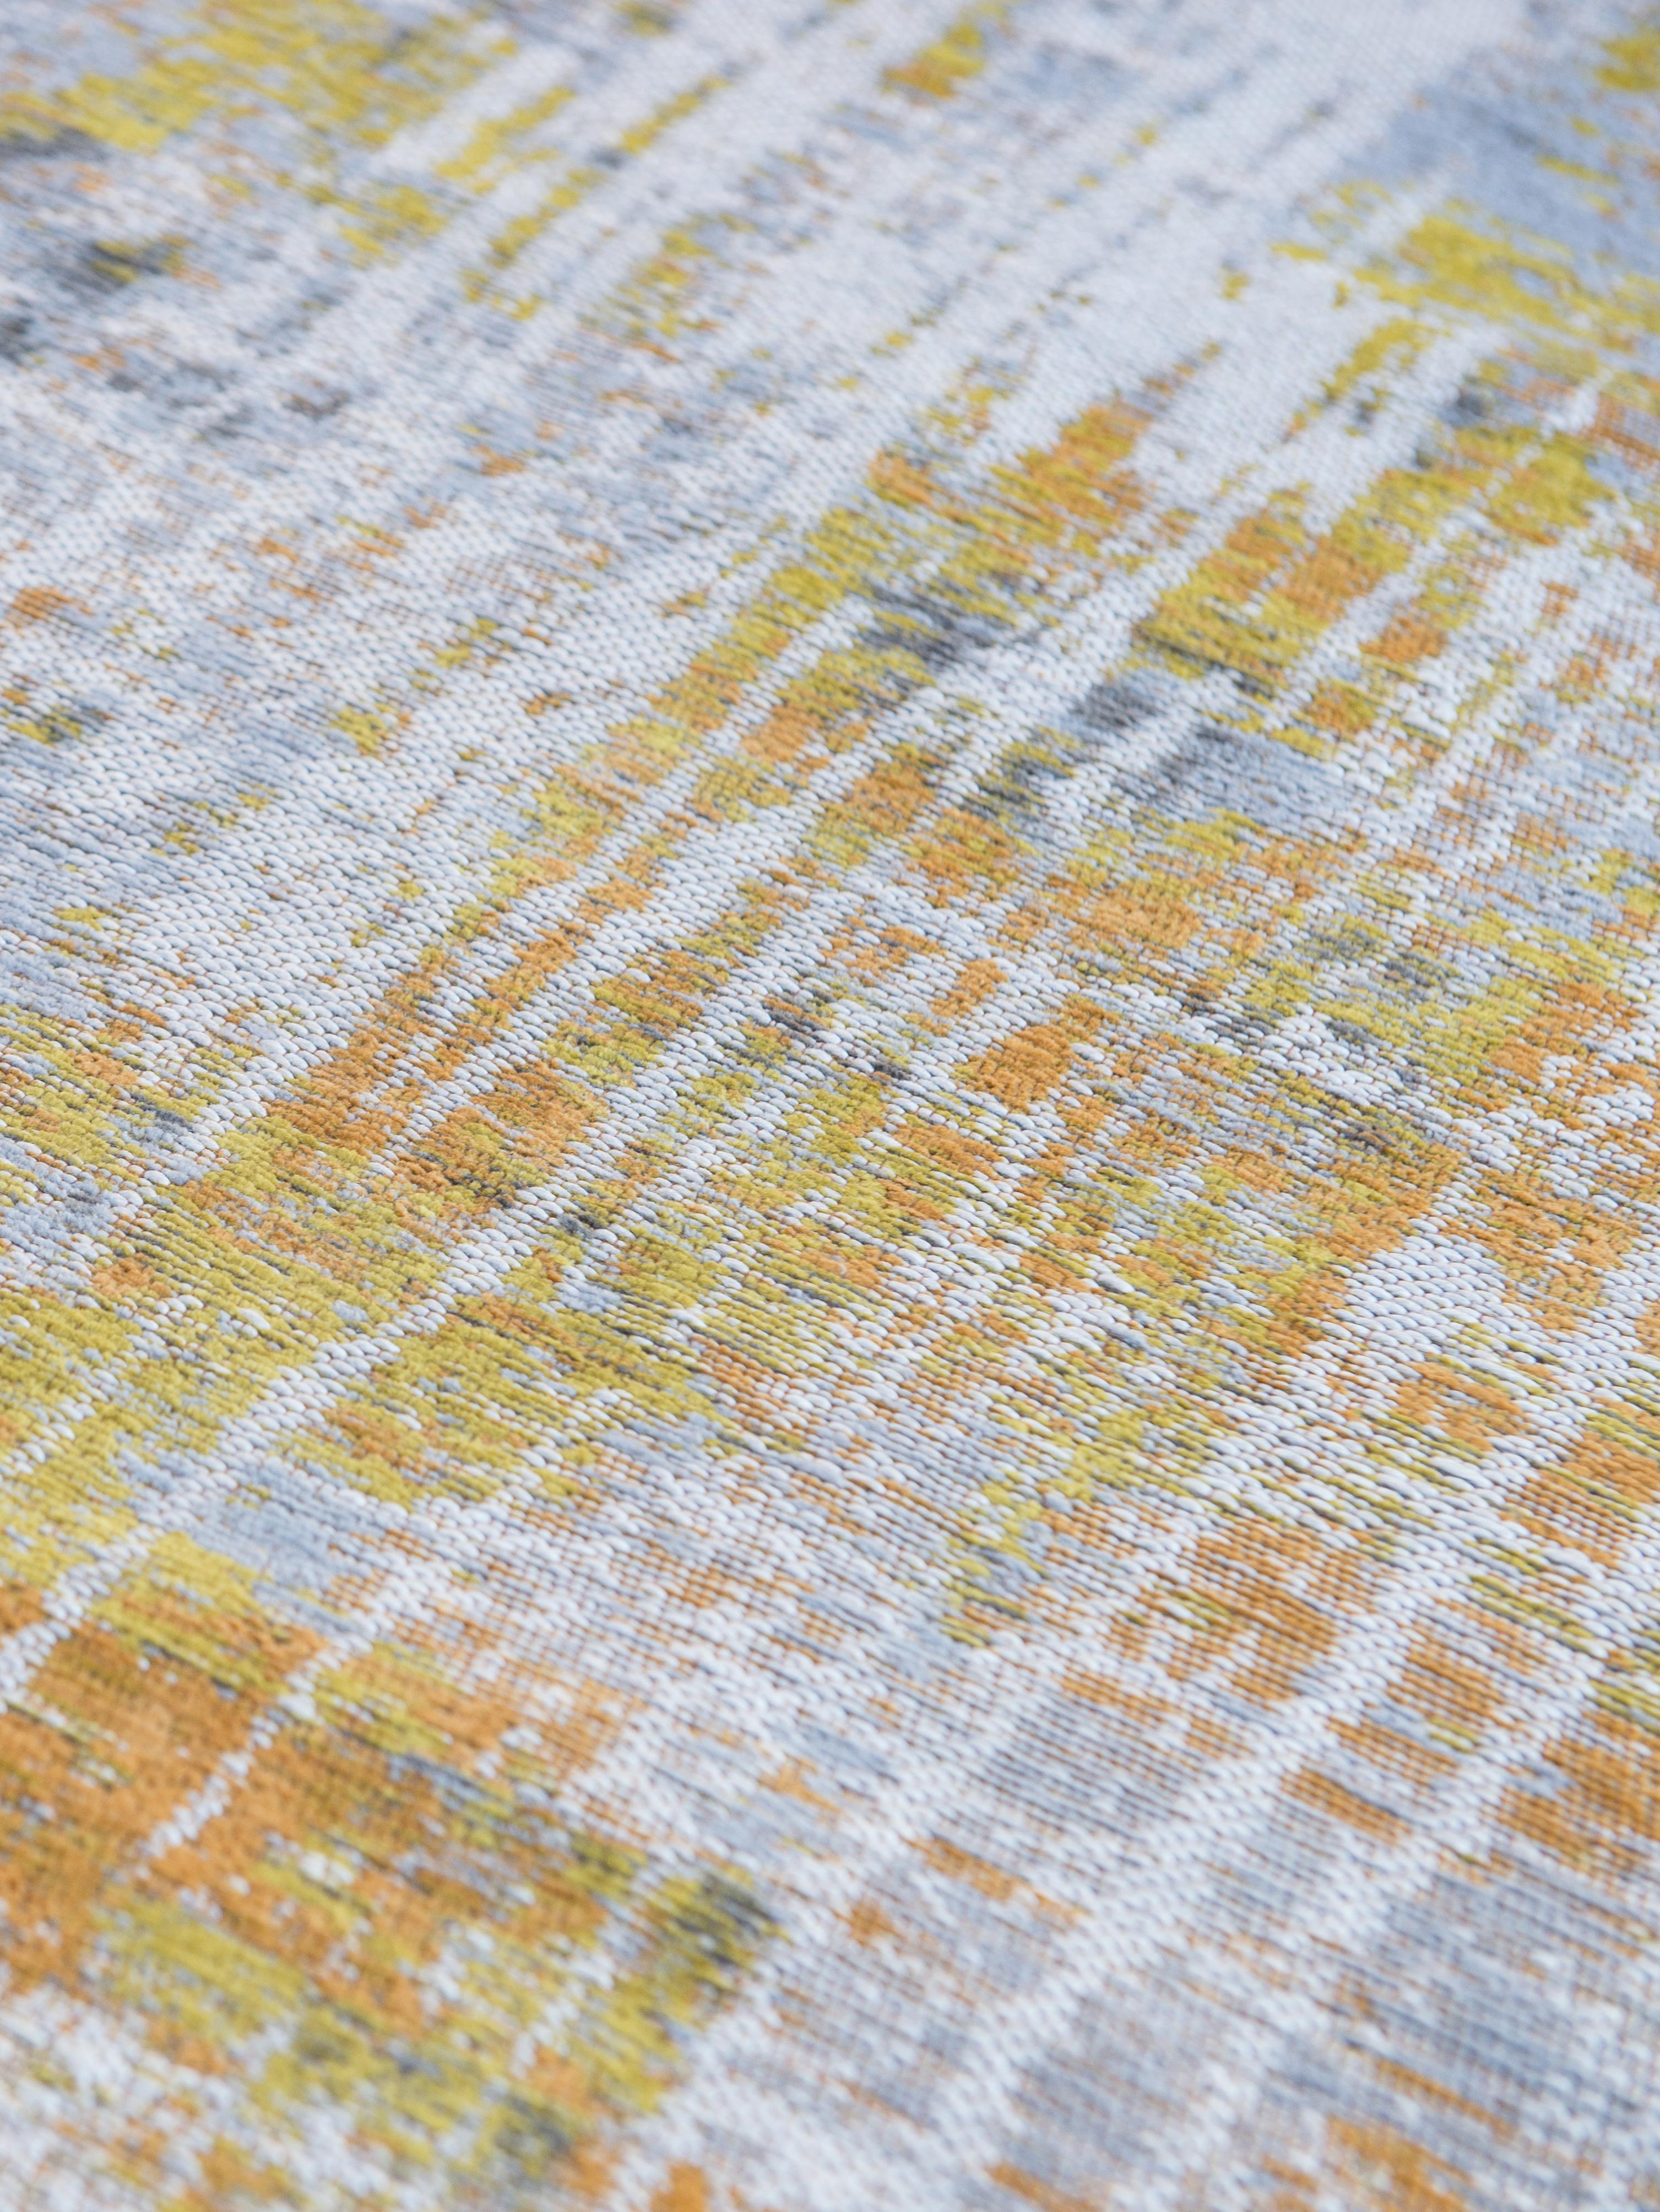 Designteppich Streaks in Grau/Gelb, Vorderseite: 85%Baumwolle, 15%hochgl, Webart: Jacquard, Rückseite: Baumwollgemisch, latexbes, Gelb, Grau, Weiß, B 200 x L 280 cm (Größe L)